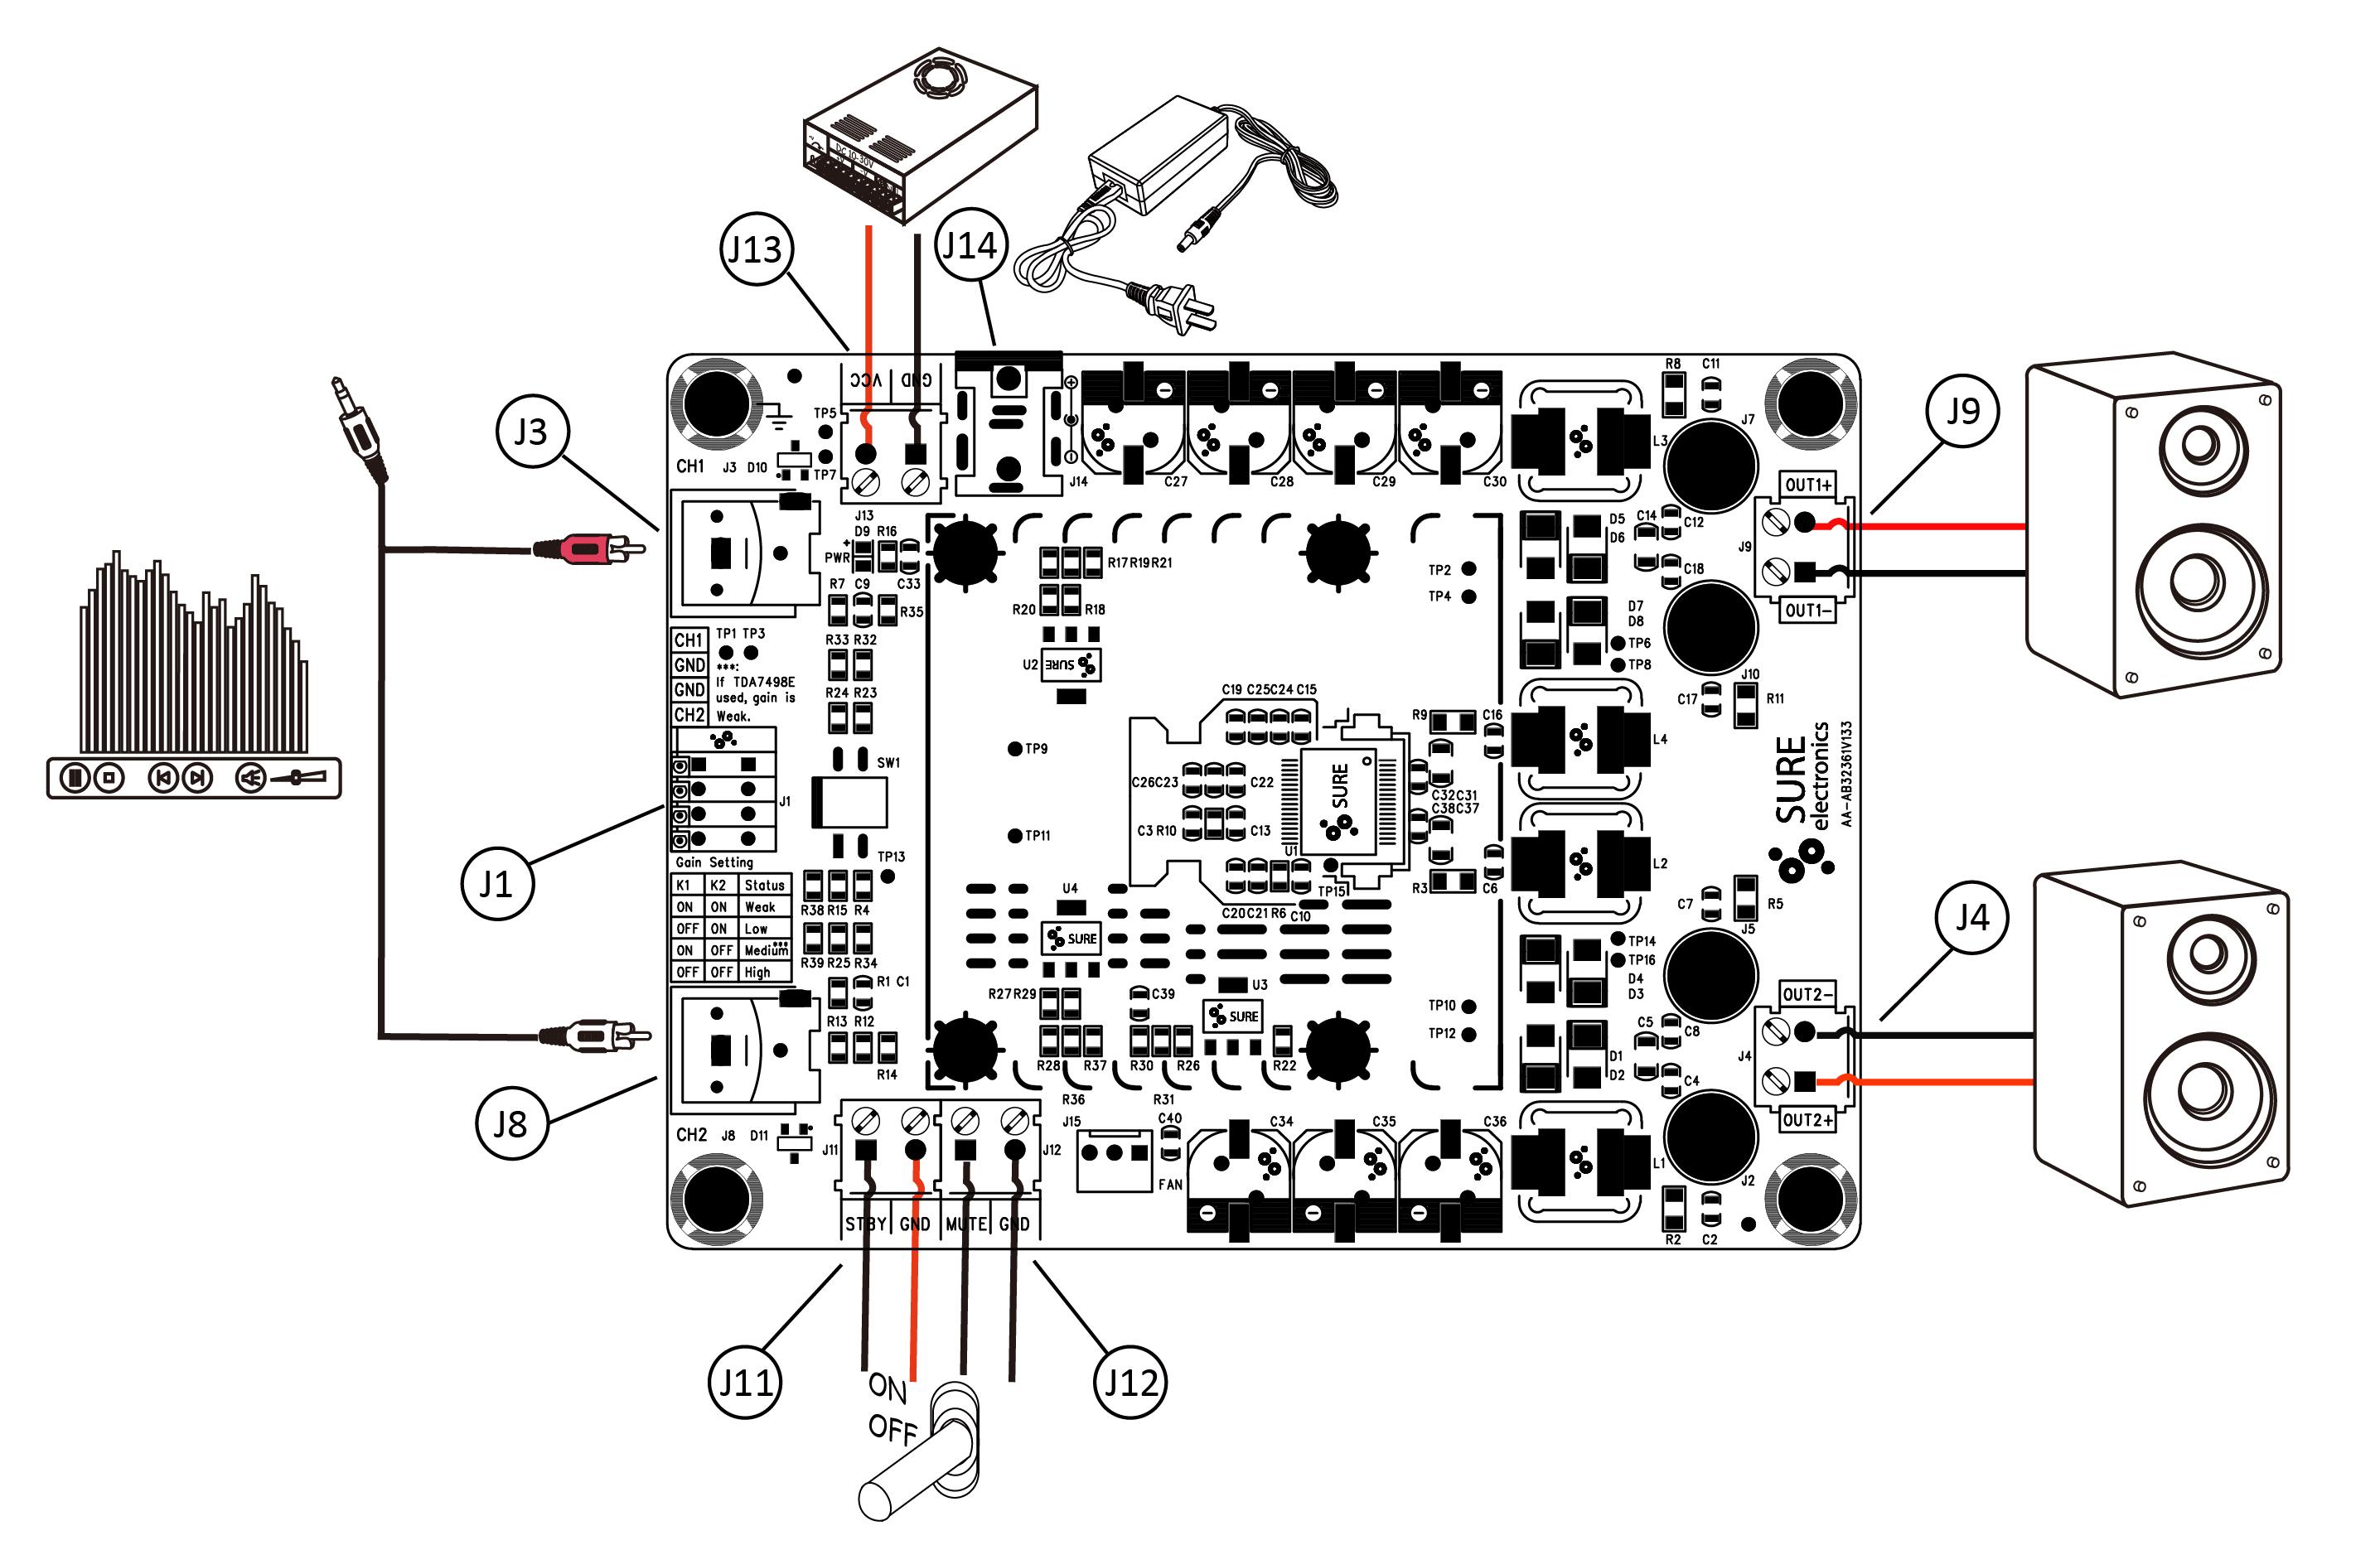 Sure Electronics Webstore 1 X 3000 Watt Class D Audio Amplifier 300 Board Tas5613 300w Mono Power Amp Model Selection Guide